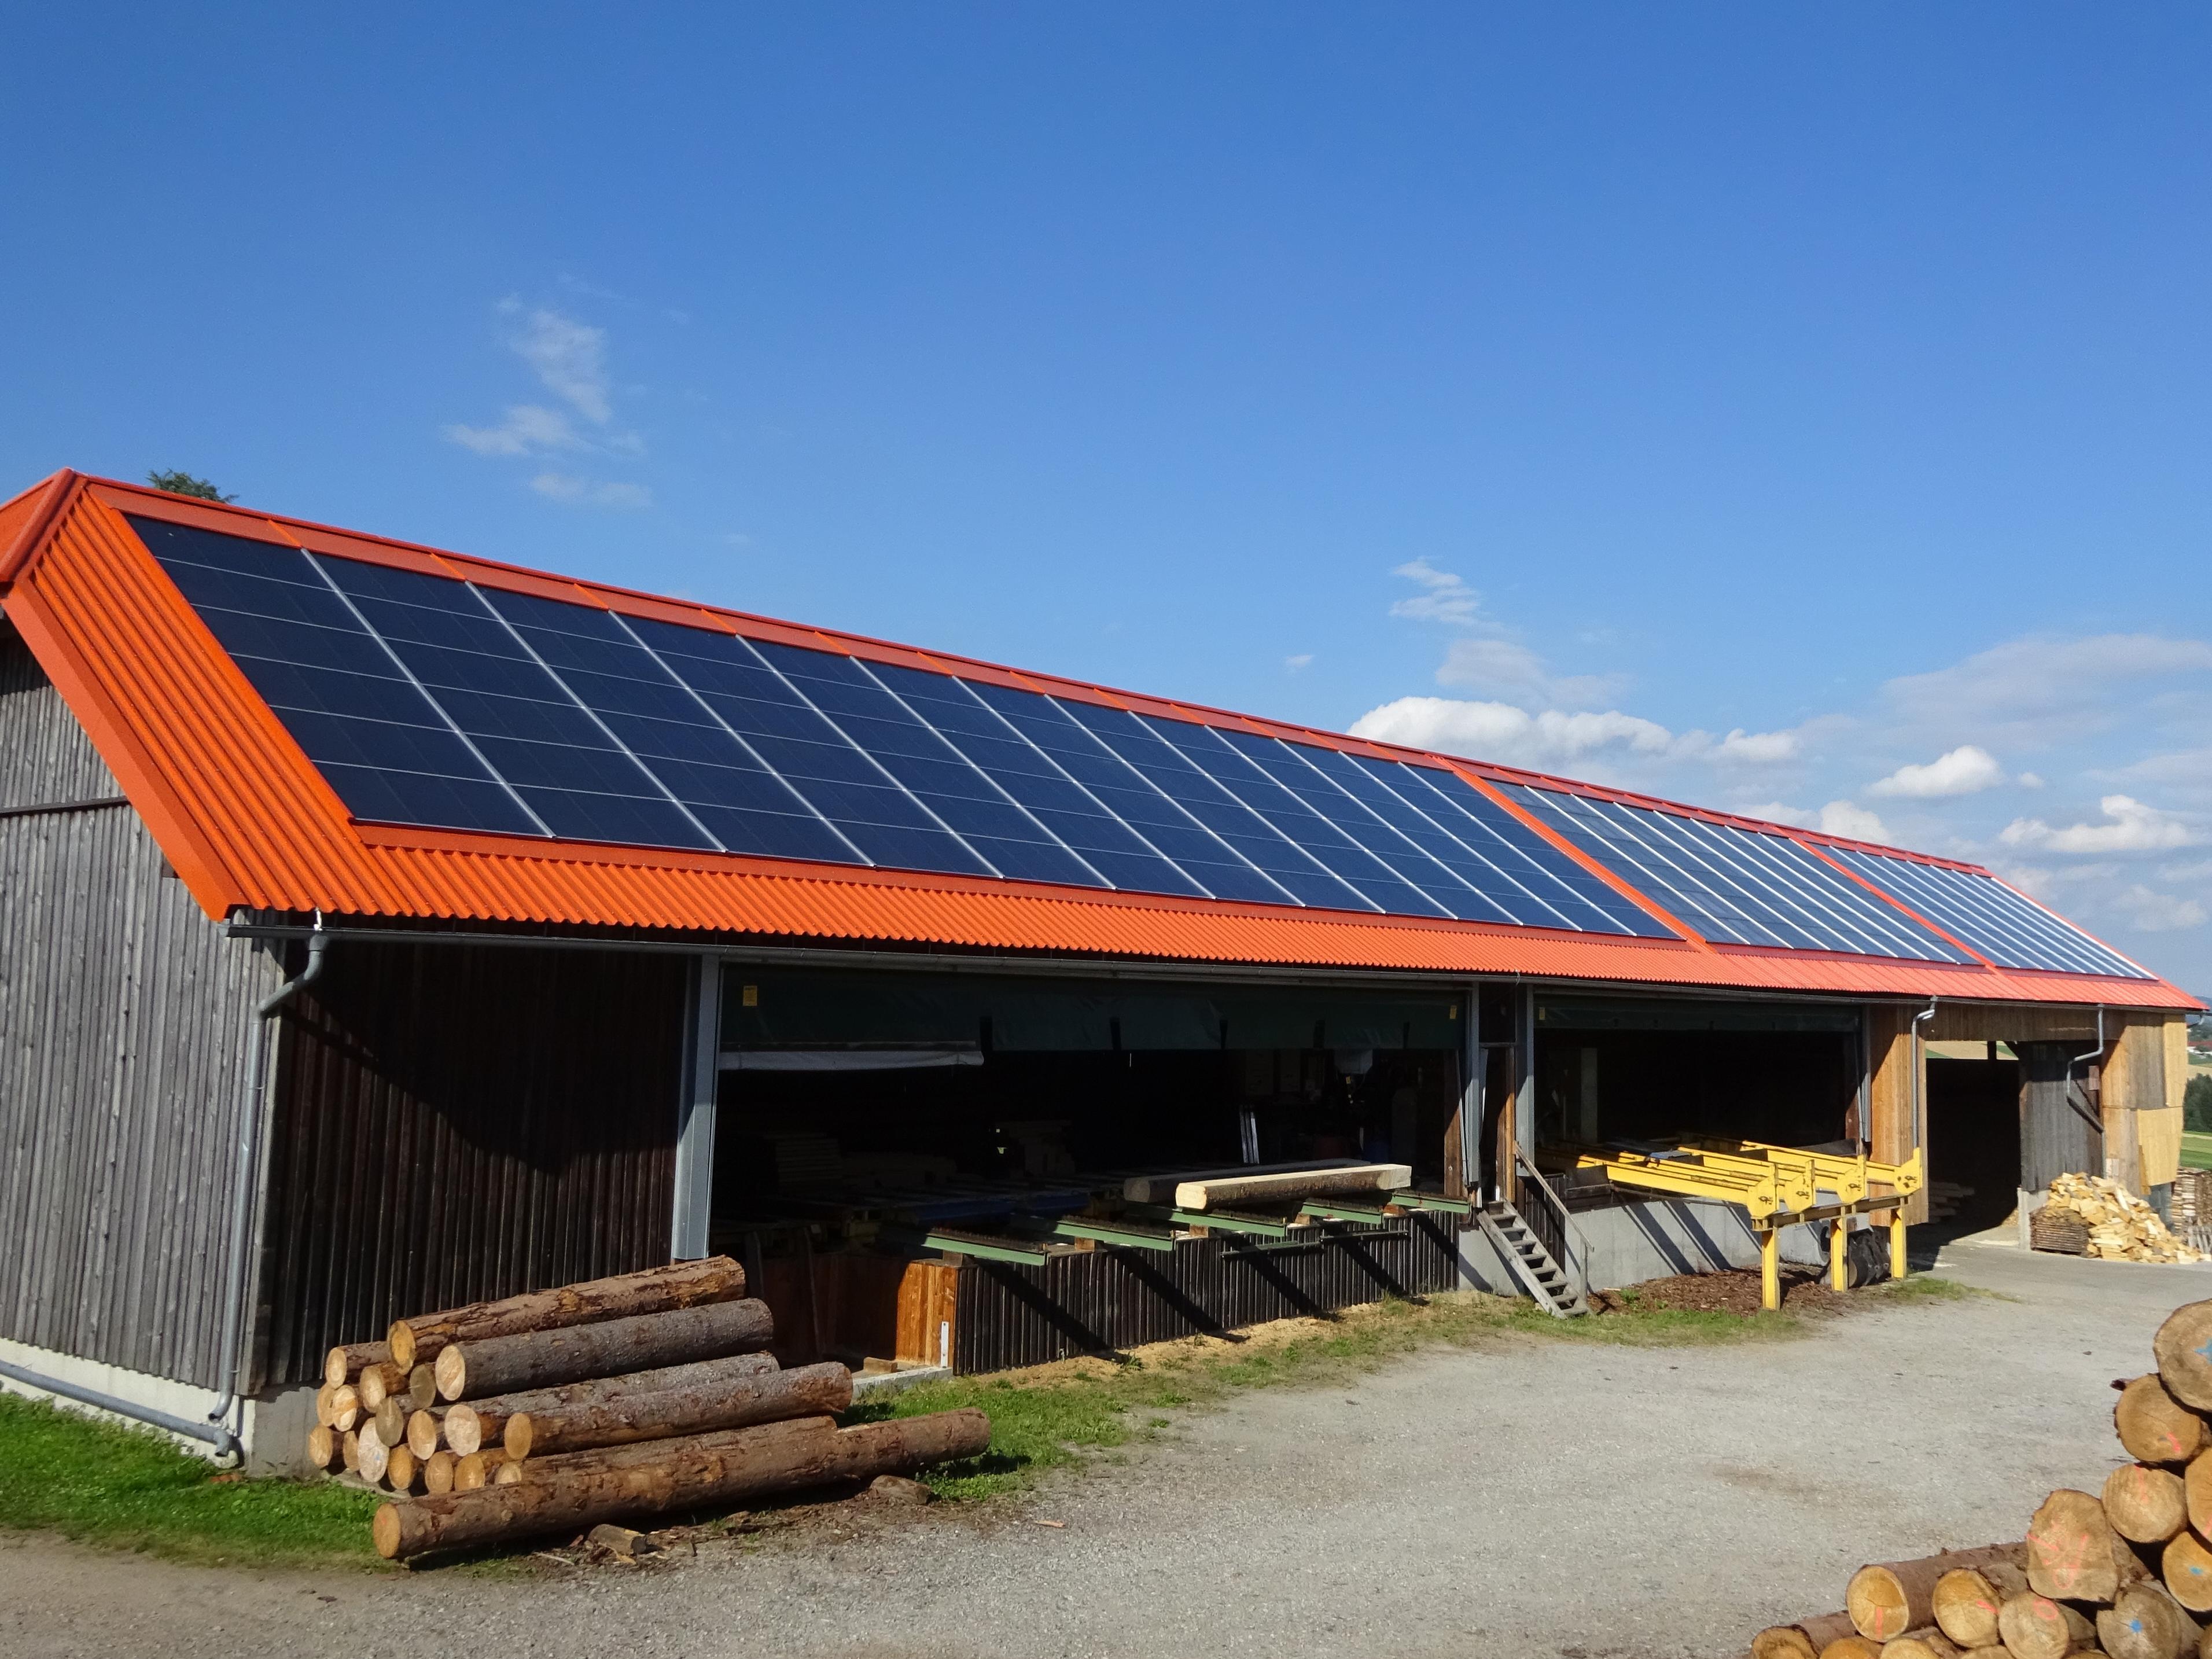 Manzenreiter Solare Hackschnitzeltrocknung Hausdach mit Solarkollektoren